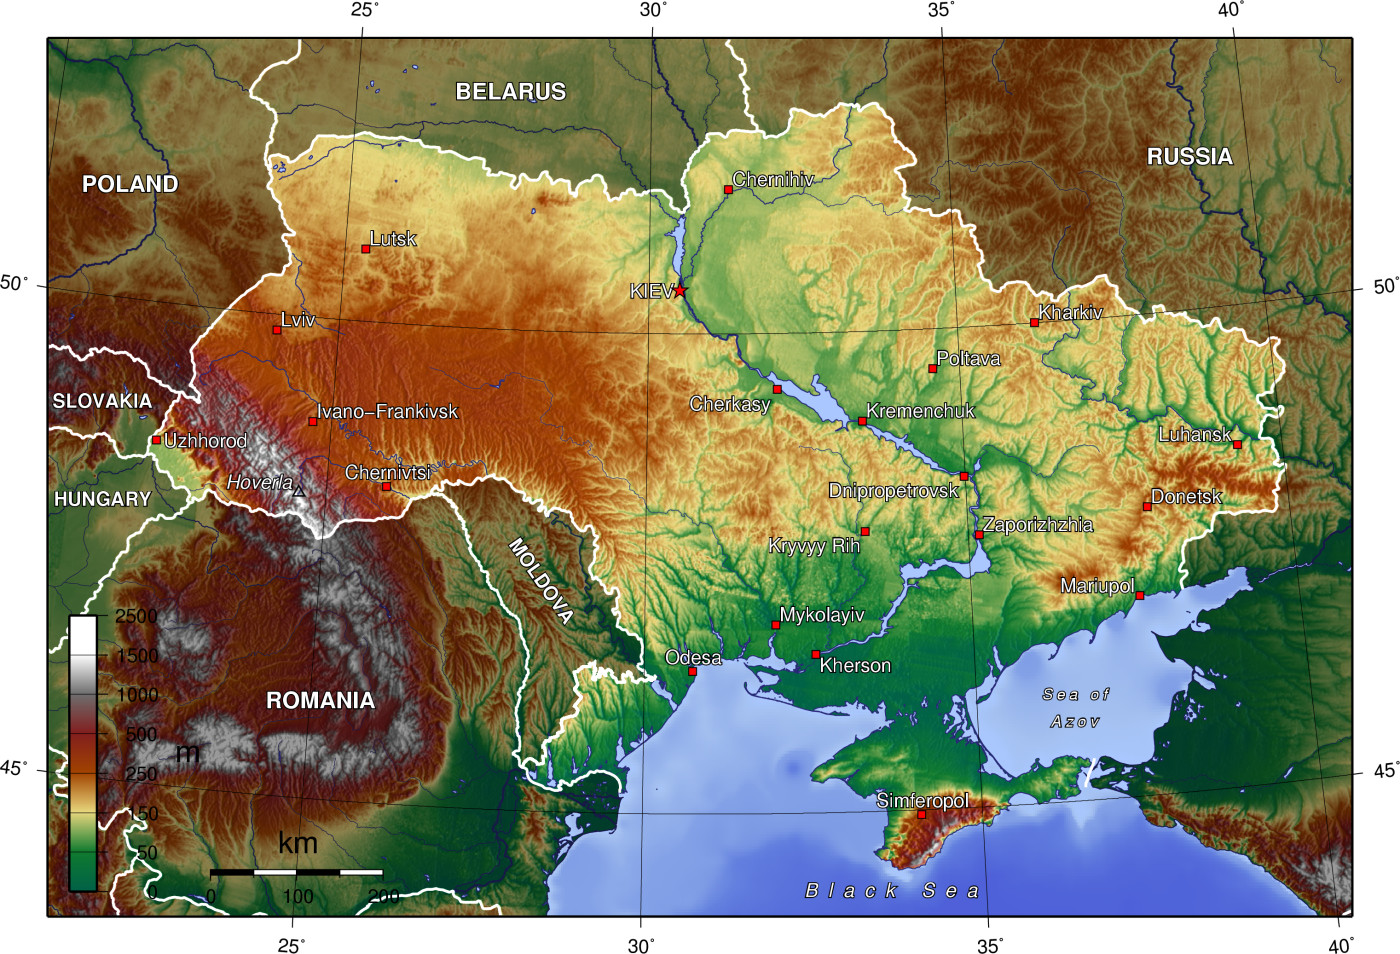 Ukrajna szerkezeti-domborzati térképe